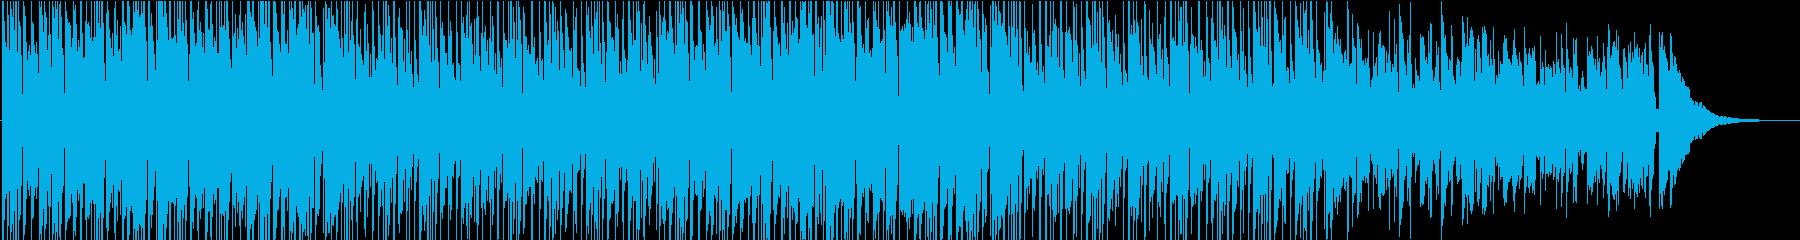 アコギ・軽快なサーフミュージックの再生済みの波形